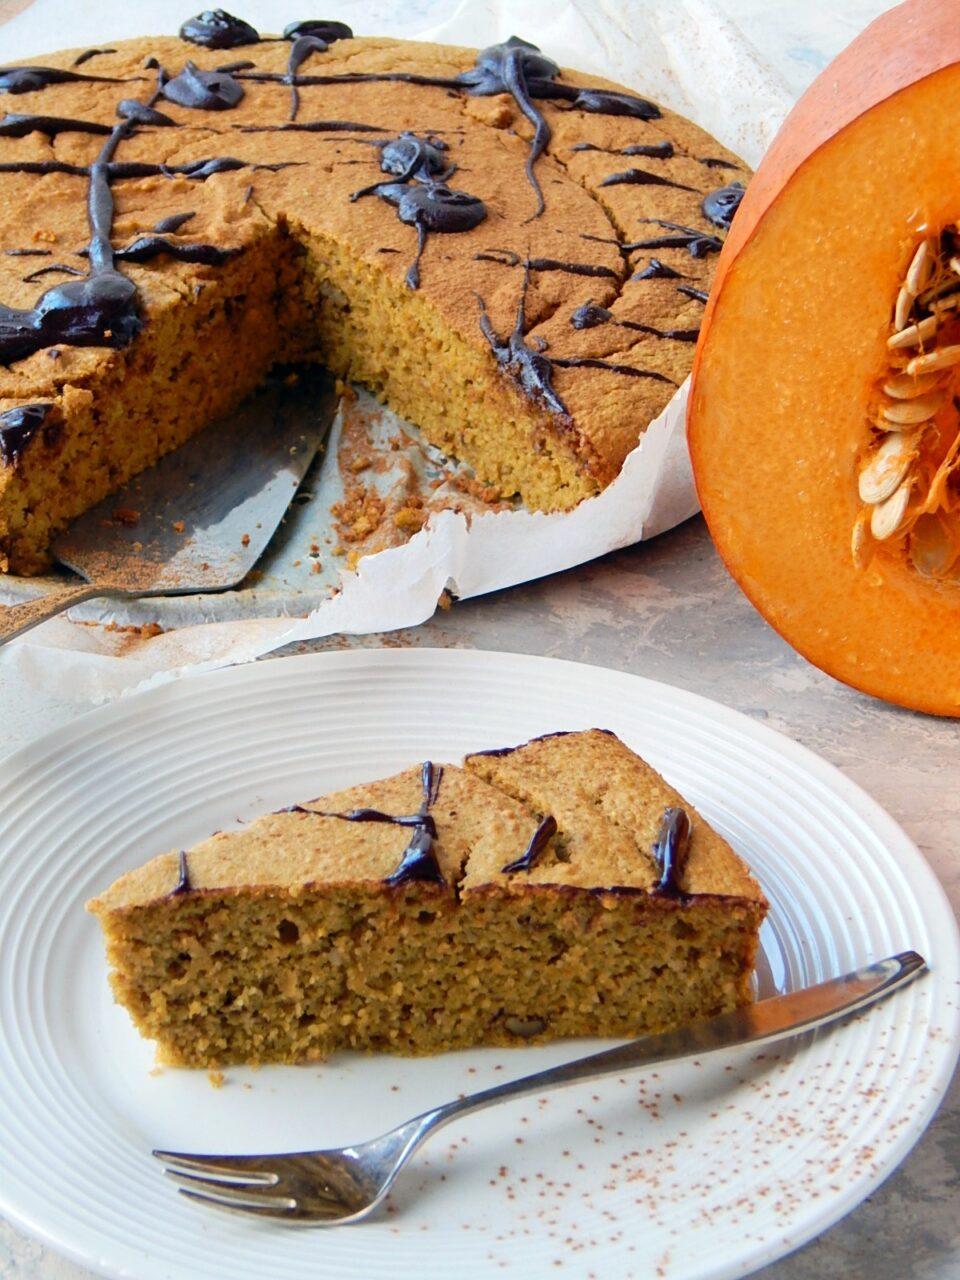 ciasto dyniowe, zdrowe przepisy